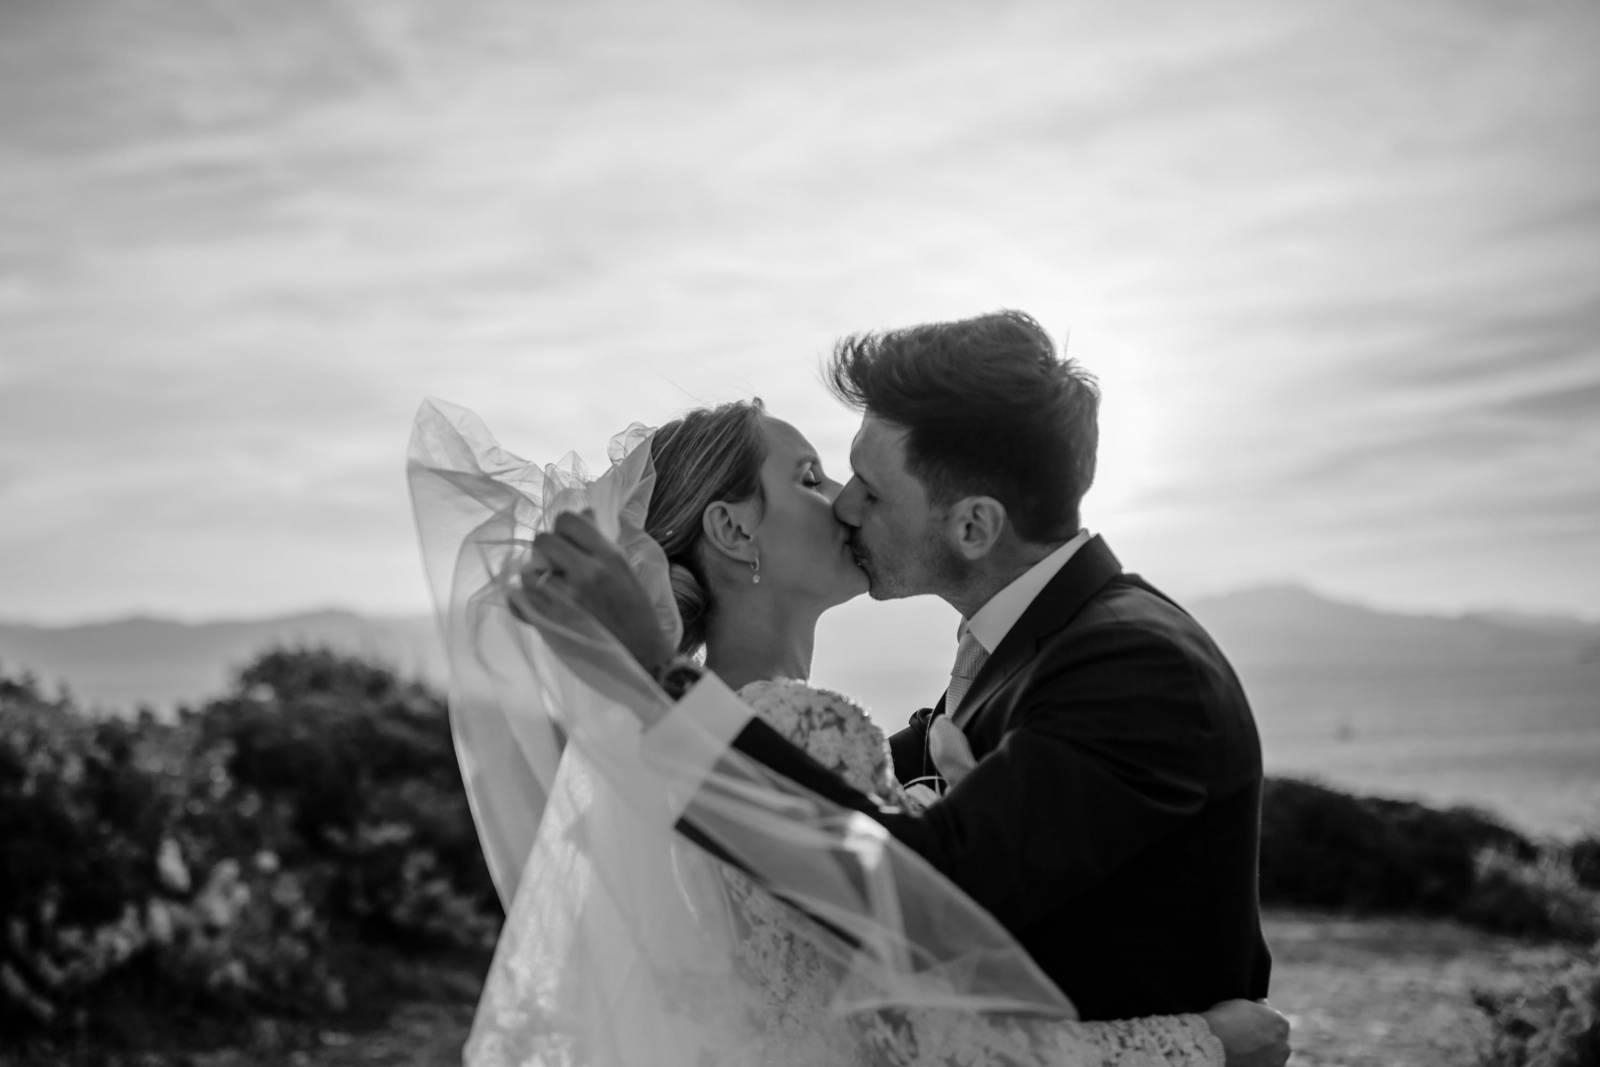 Leyla Hasna - Photography - House of Weddings - 9